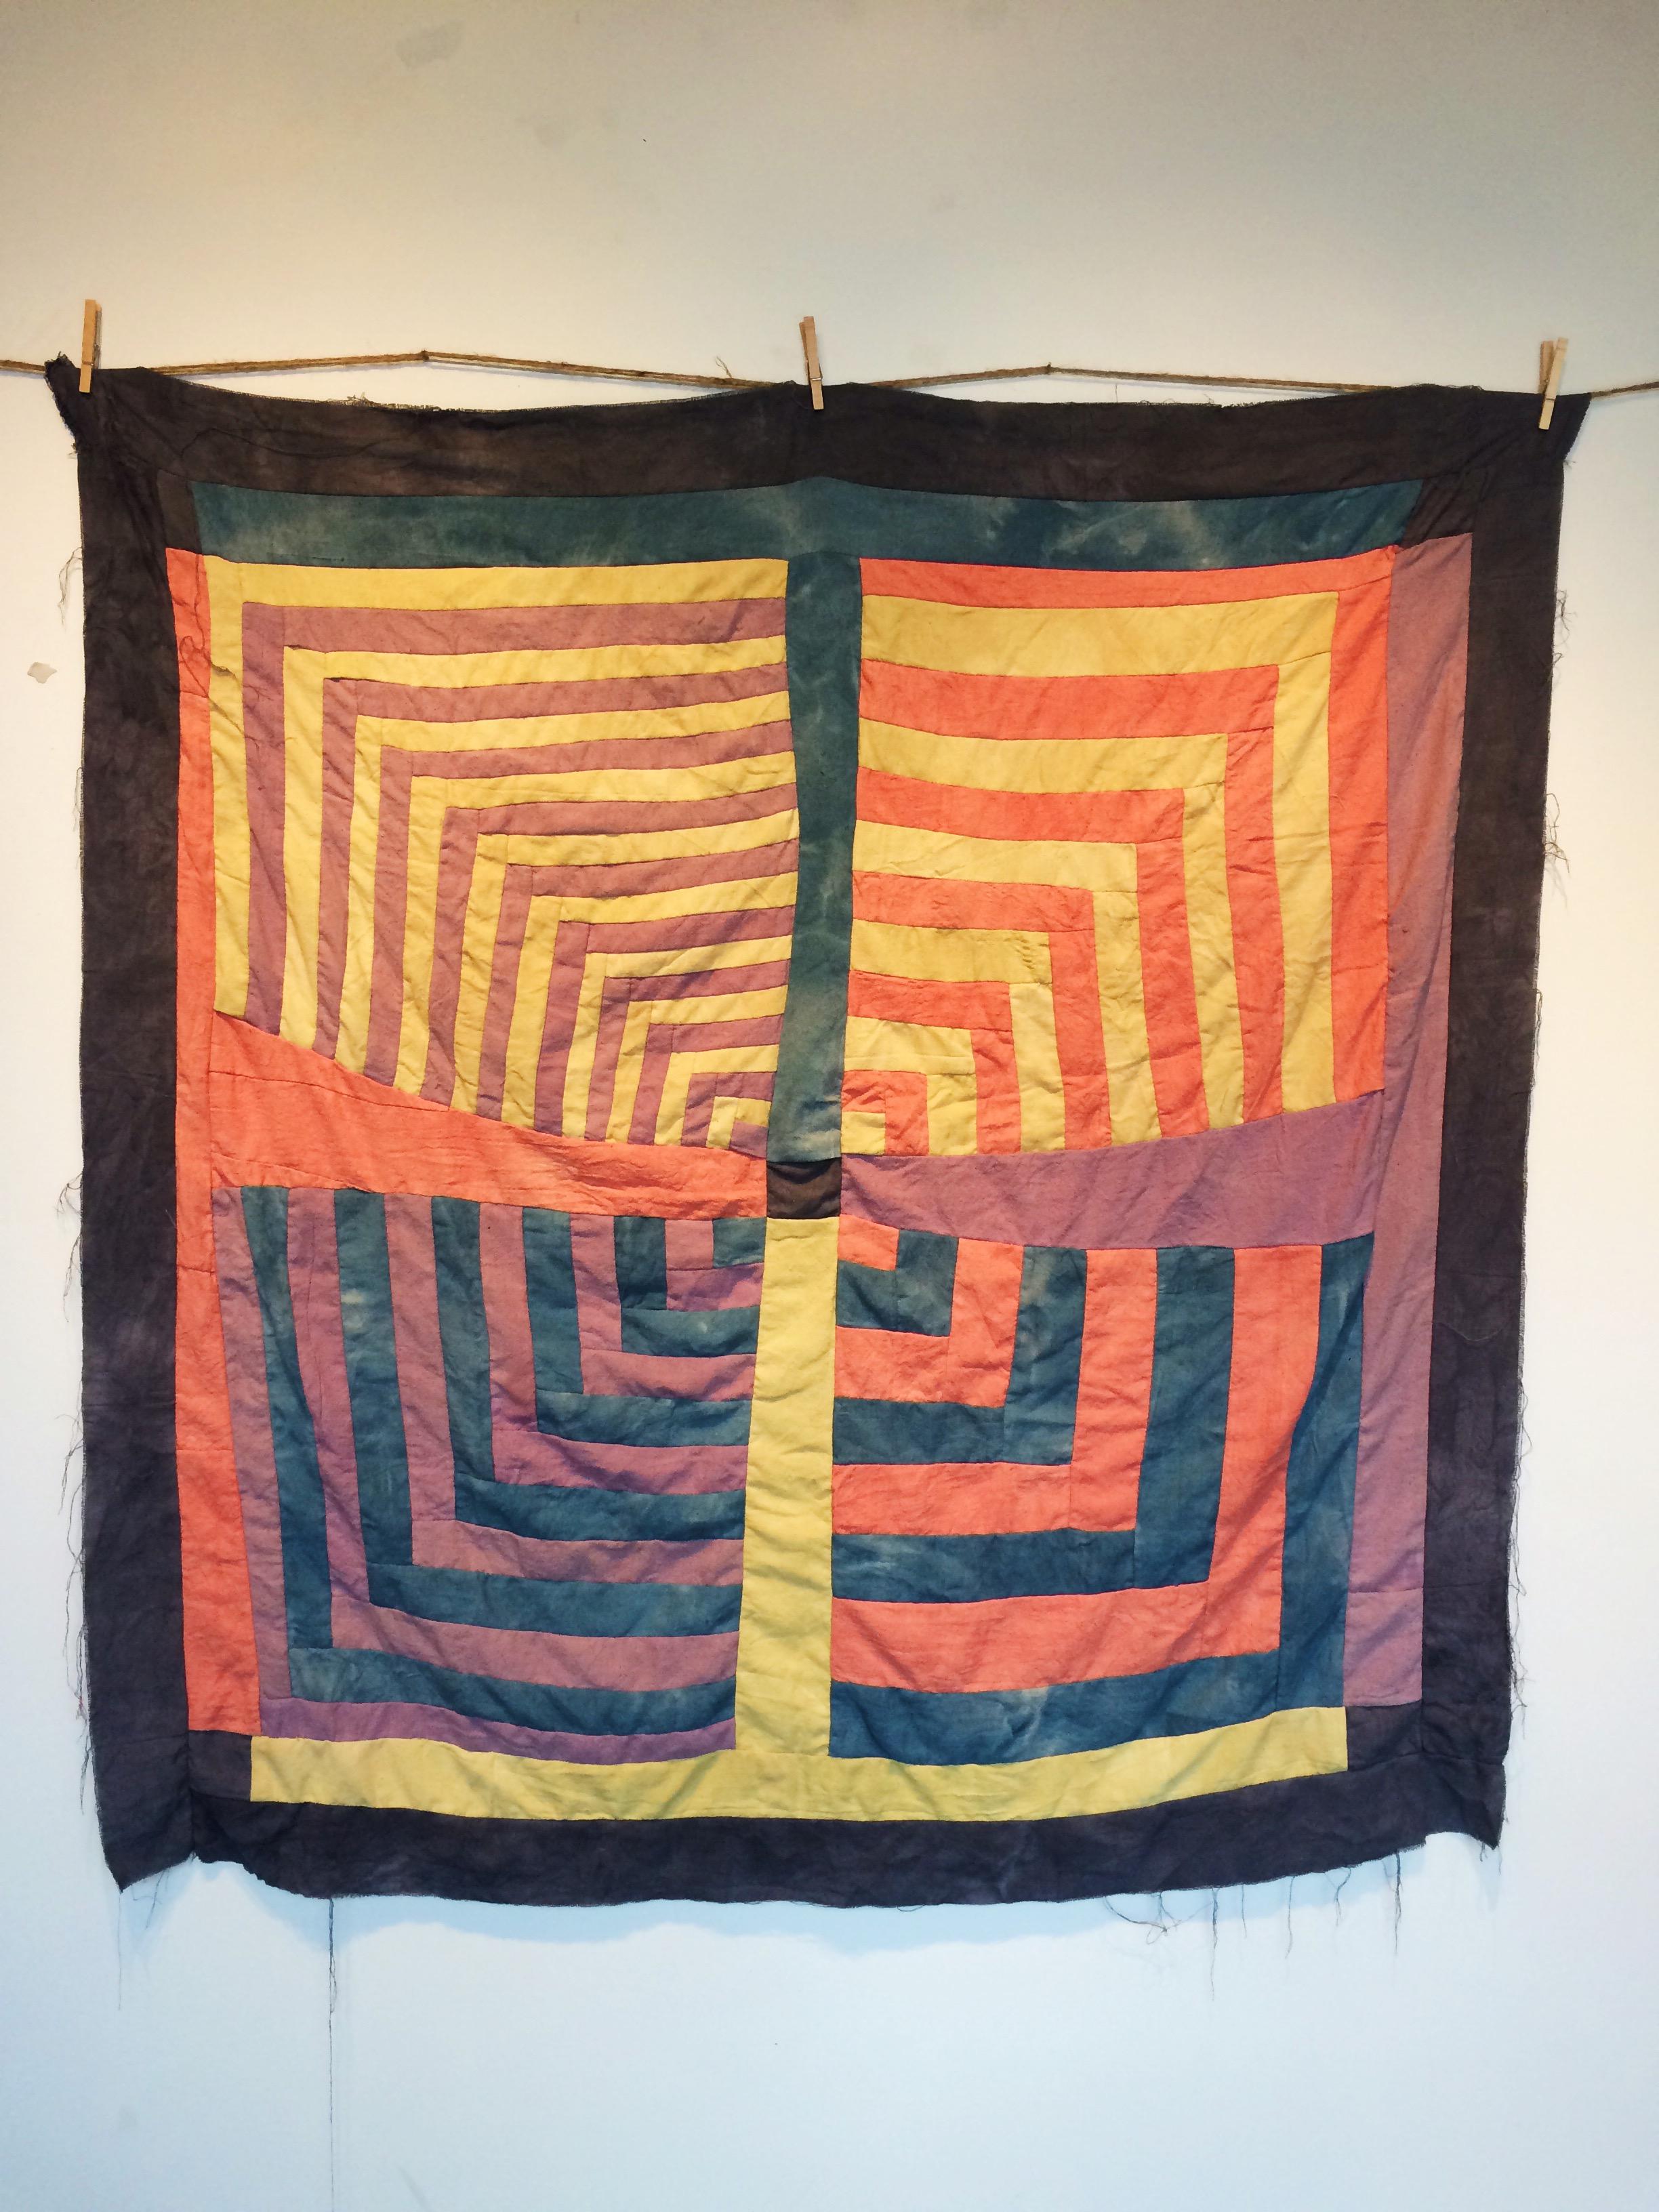 Oak Galls & Iron, Indigo, Madder Root, Osage Orange, and Logwood dyes on Khadi